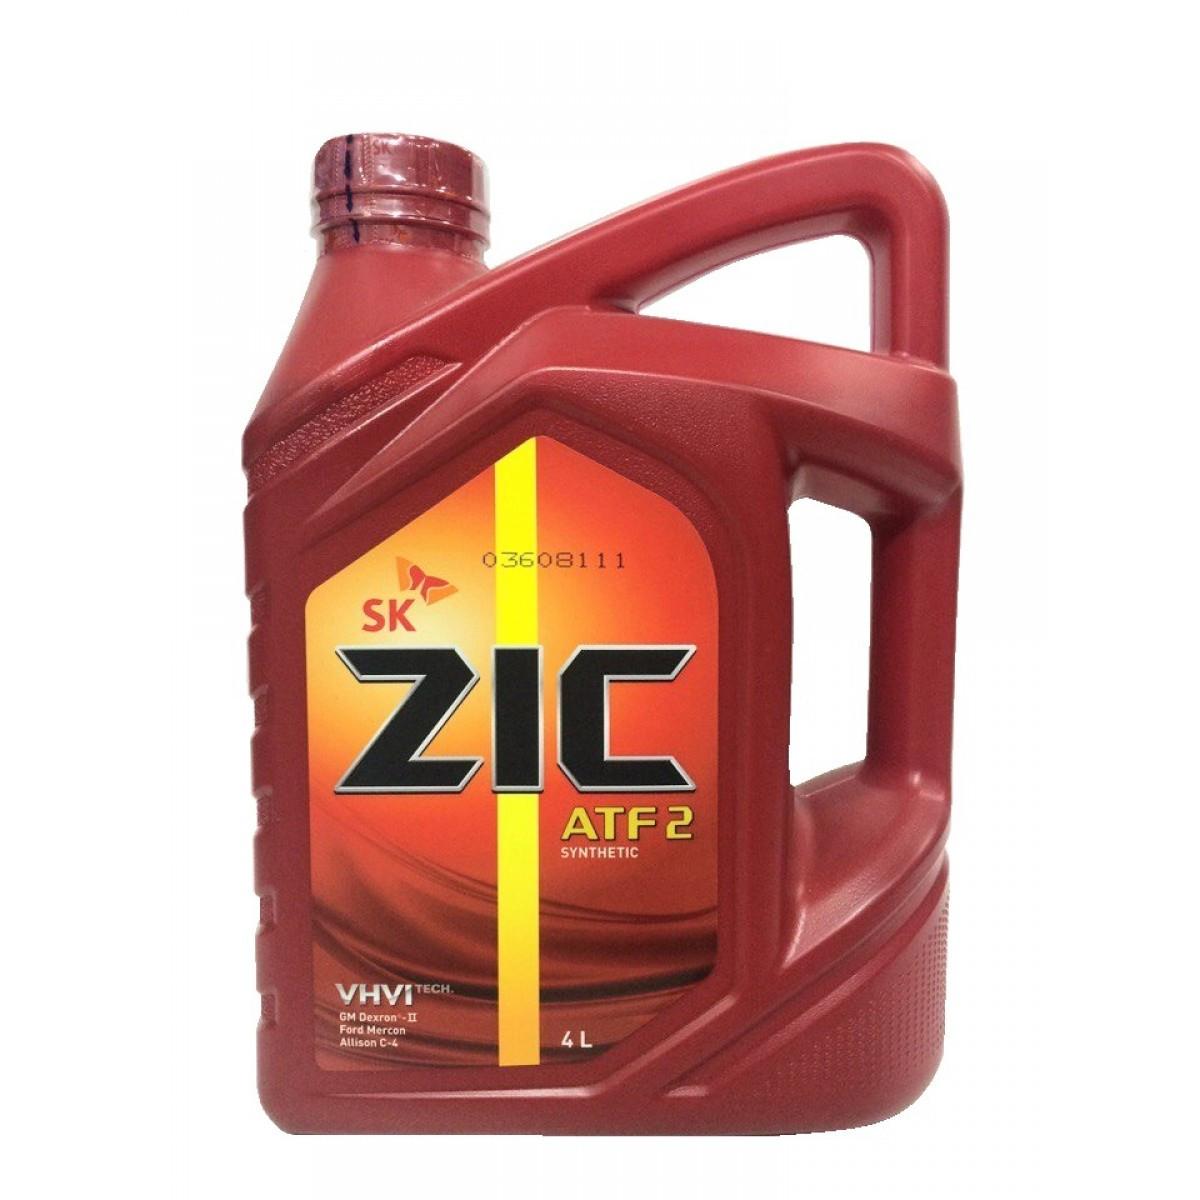 Трансмиссионное масло для АКПП и ГУР ZIC ATF 2 4L